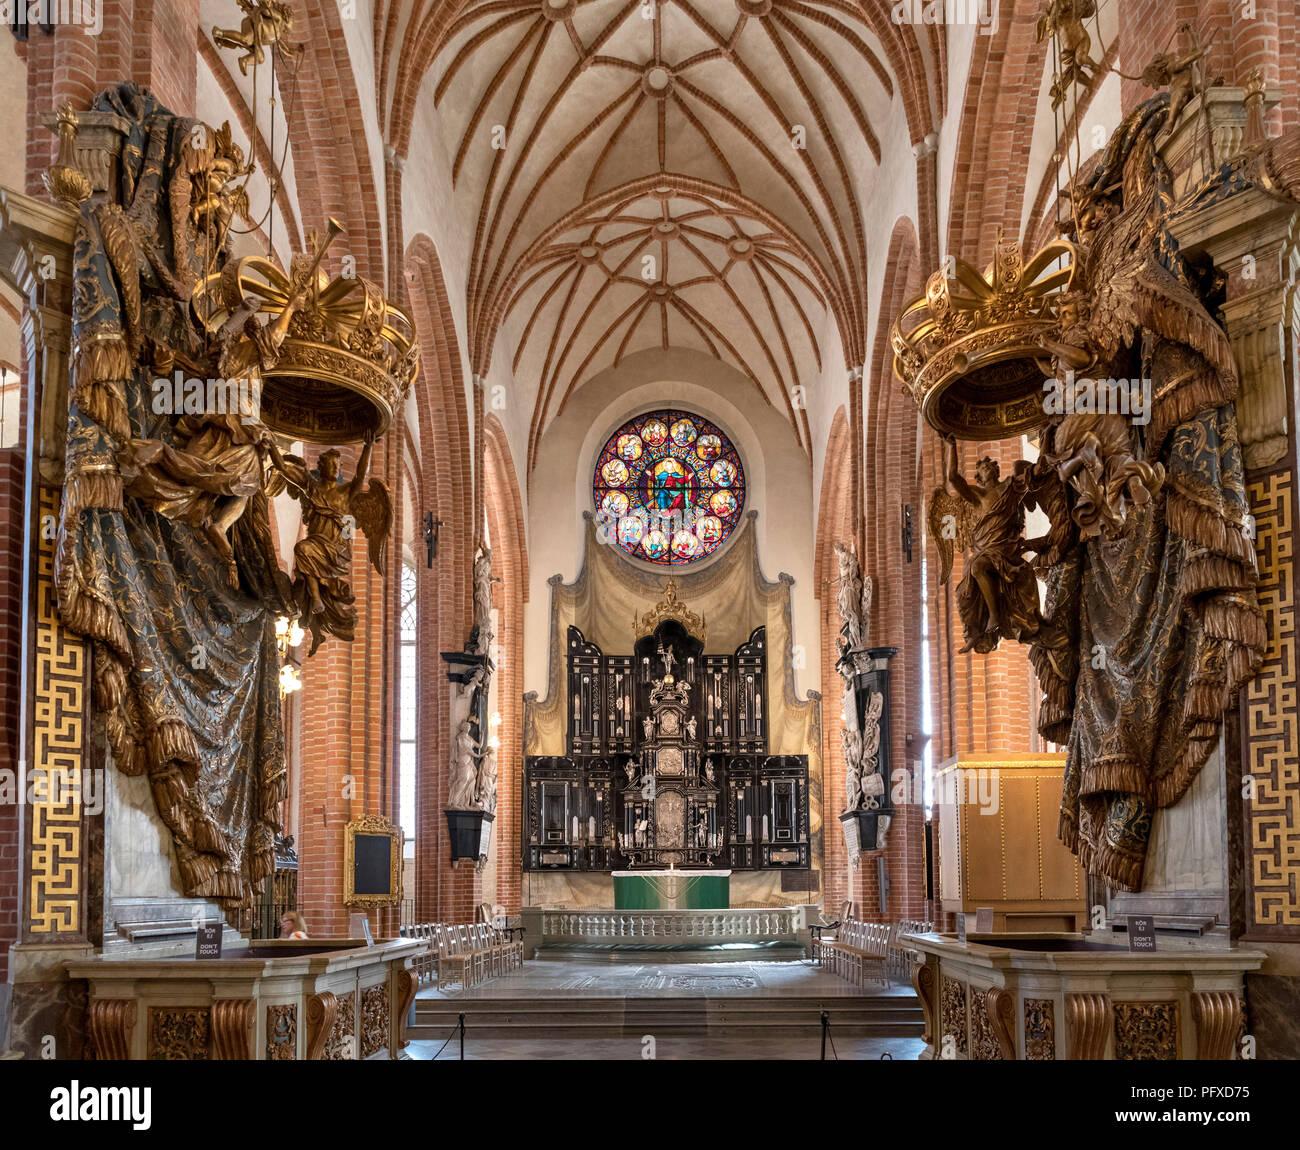 Storkyrkan (Cattedrale di Stoccolma, la Gamla Stan (Citta vecchia), isola Stadsholmen, Stoccolma, Svezia Immagini Stock